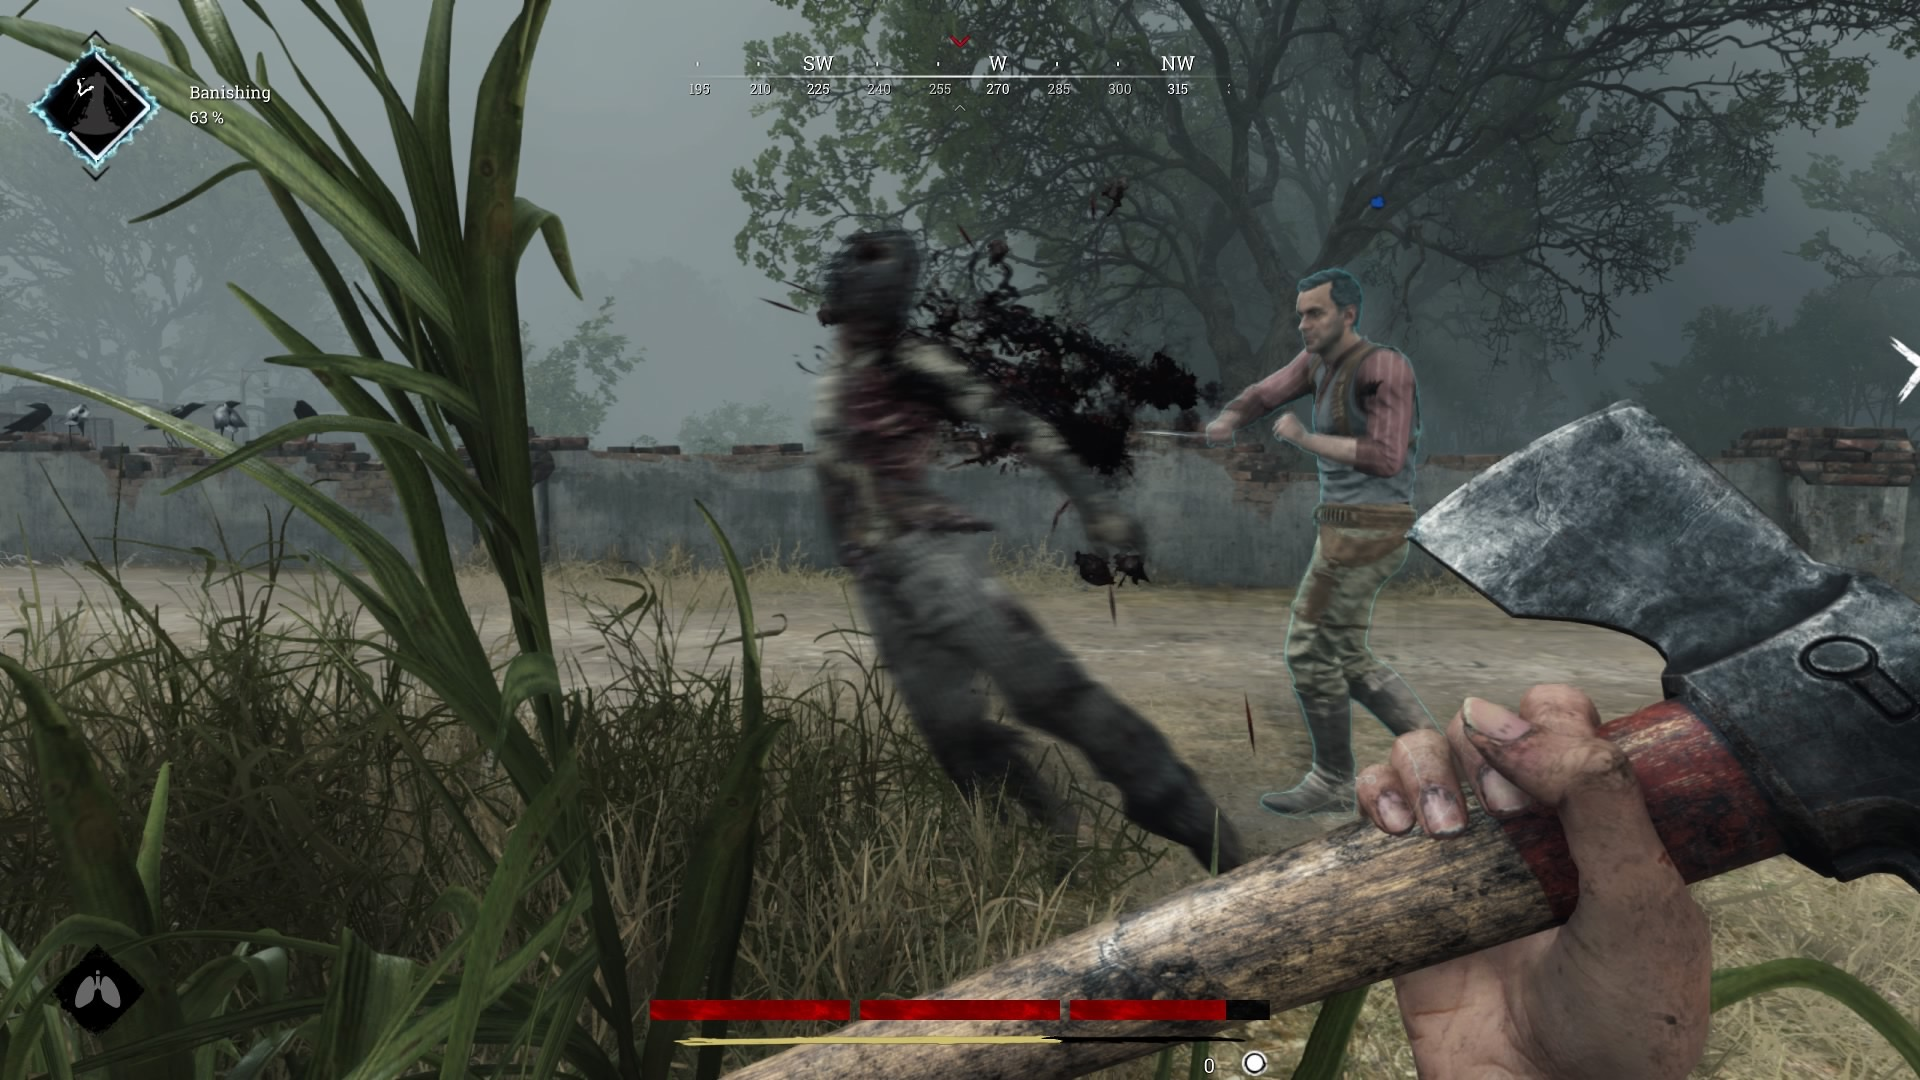 Llevamos varios días jugando a Hunt: Showdown en PS4. Es sorprendente que el juego haya pasado por mi nariz porque es único. 3